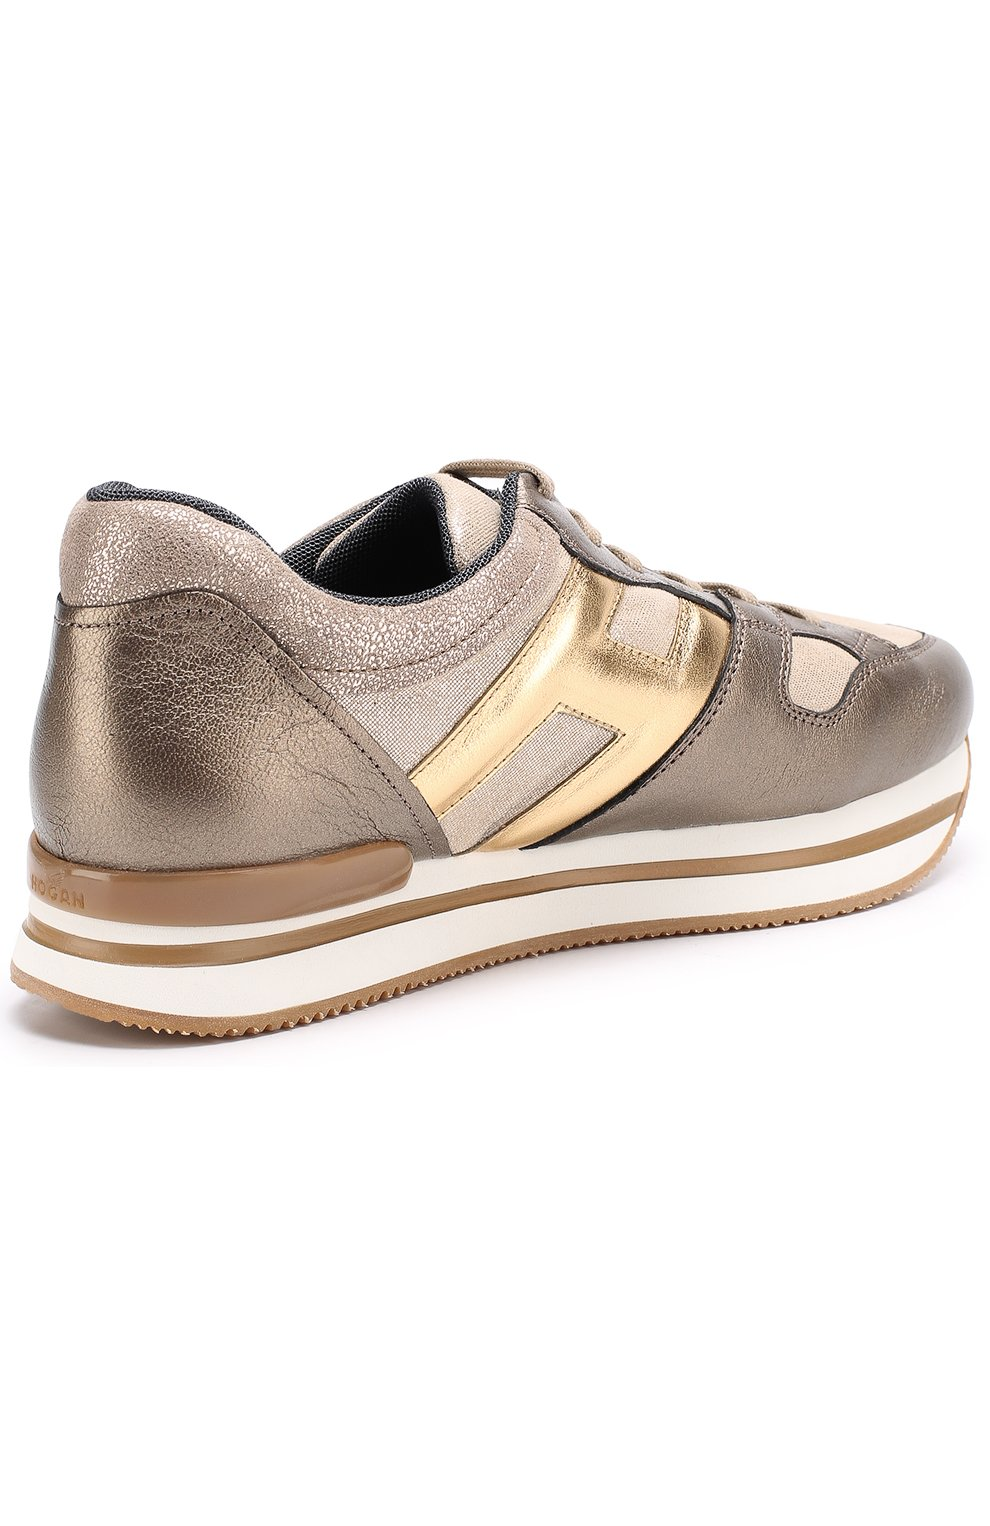 Кожаные кроссовки с металлизированной отделкой на толстой подошве | Фото №3